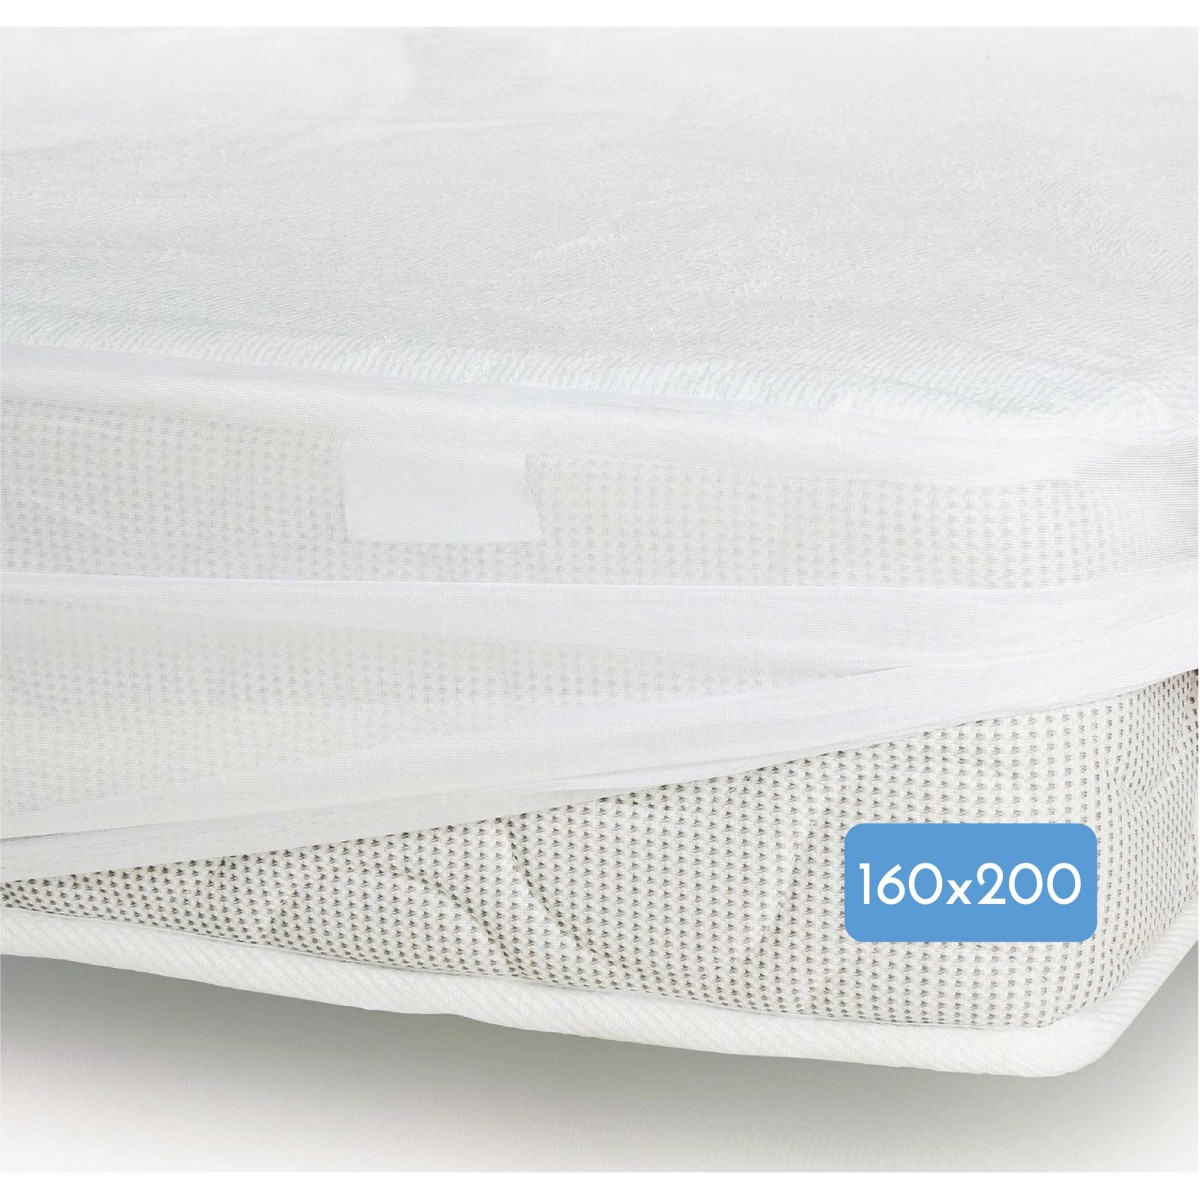 Protège Matelas Mixte Bambou Jersey Imperméabilisé Blanc 160x200cm